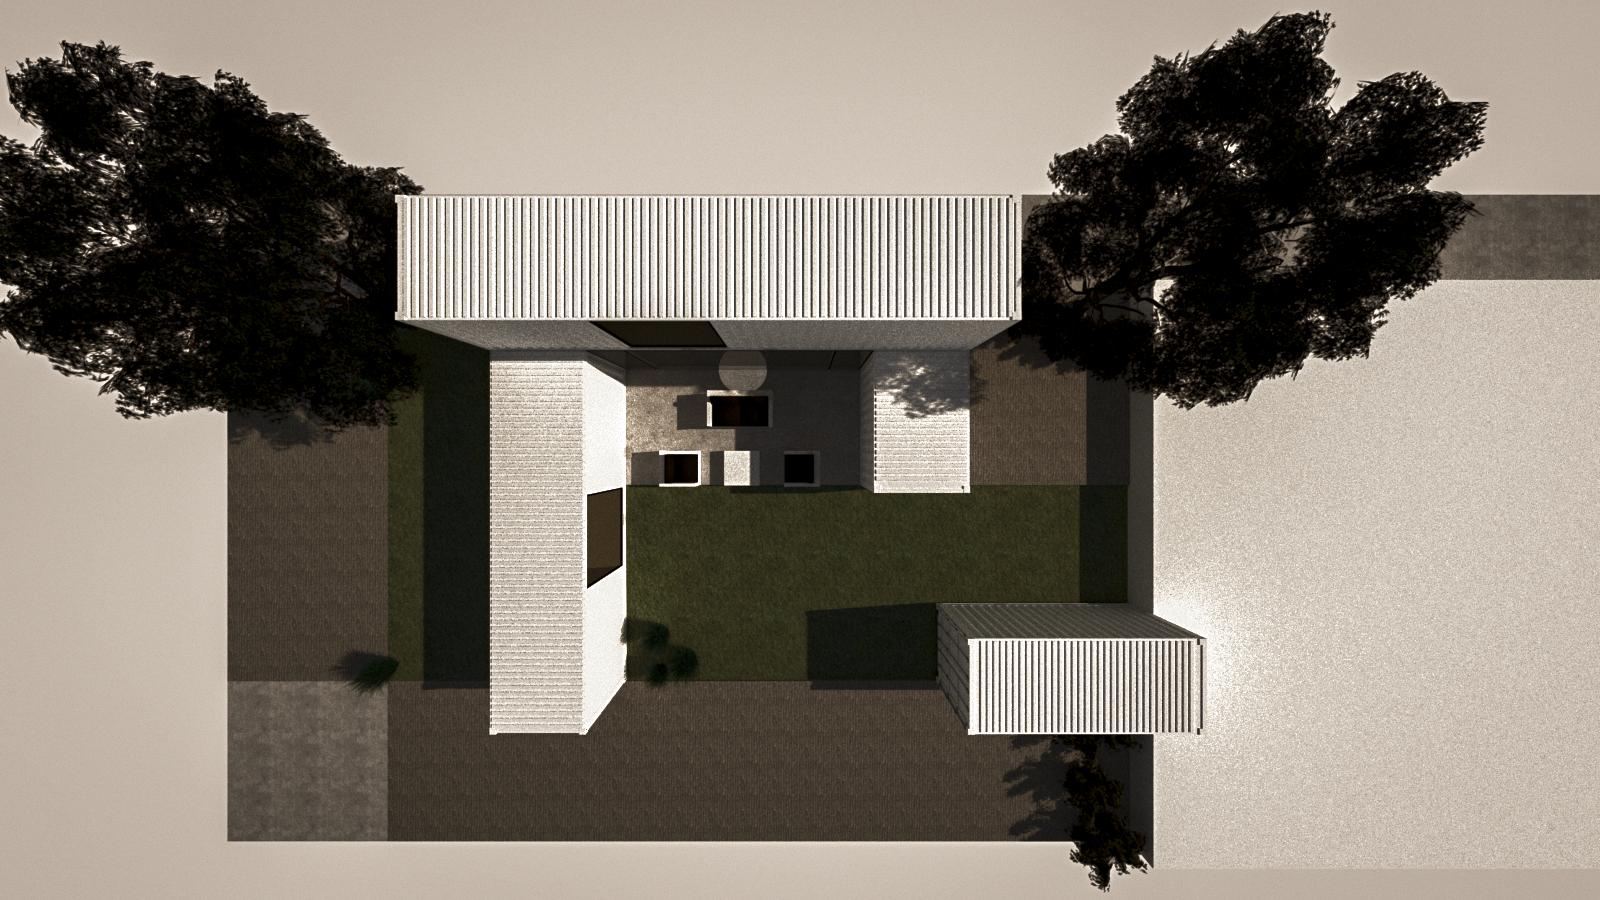 W003-paulo miguez arquitectos-abrantes.png